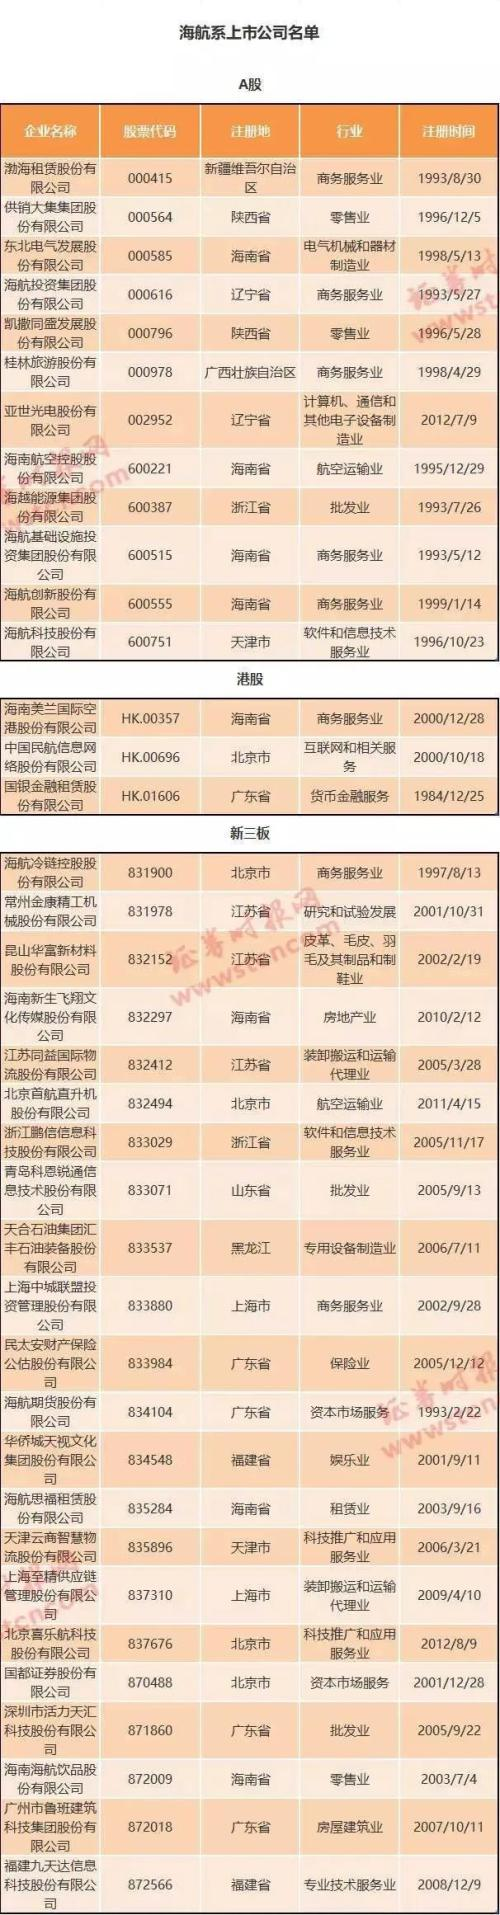 """重磅!海航集团被正式接管,董事长陈峰一周前现身""""站台""""…旗下资本图谱全梳理,今年涨幅最猛是它们!"""